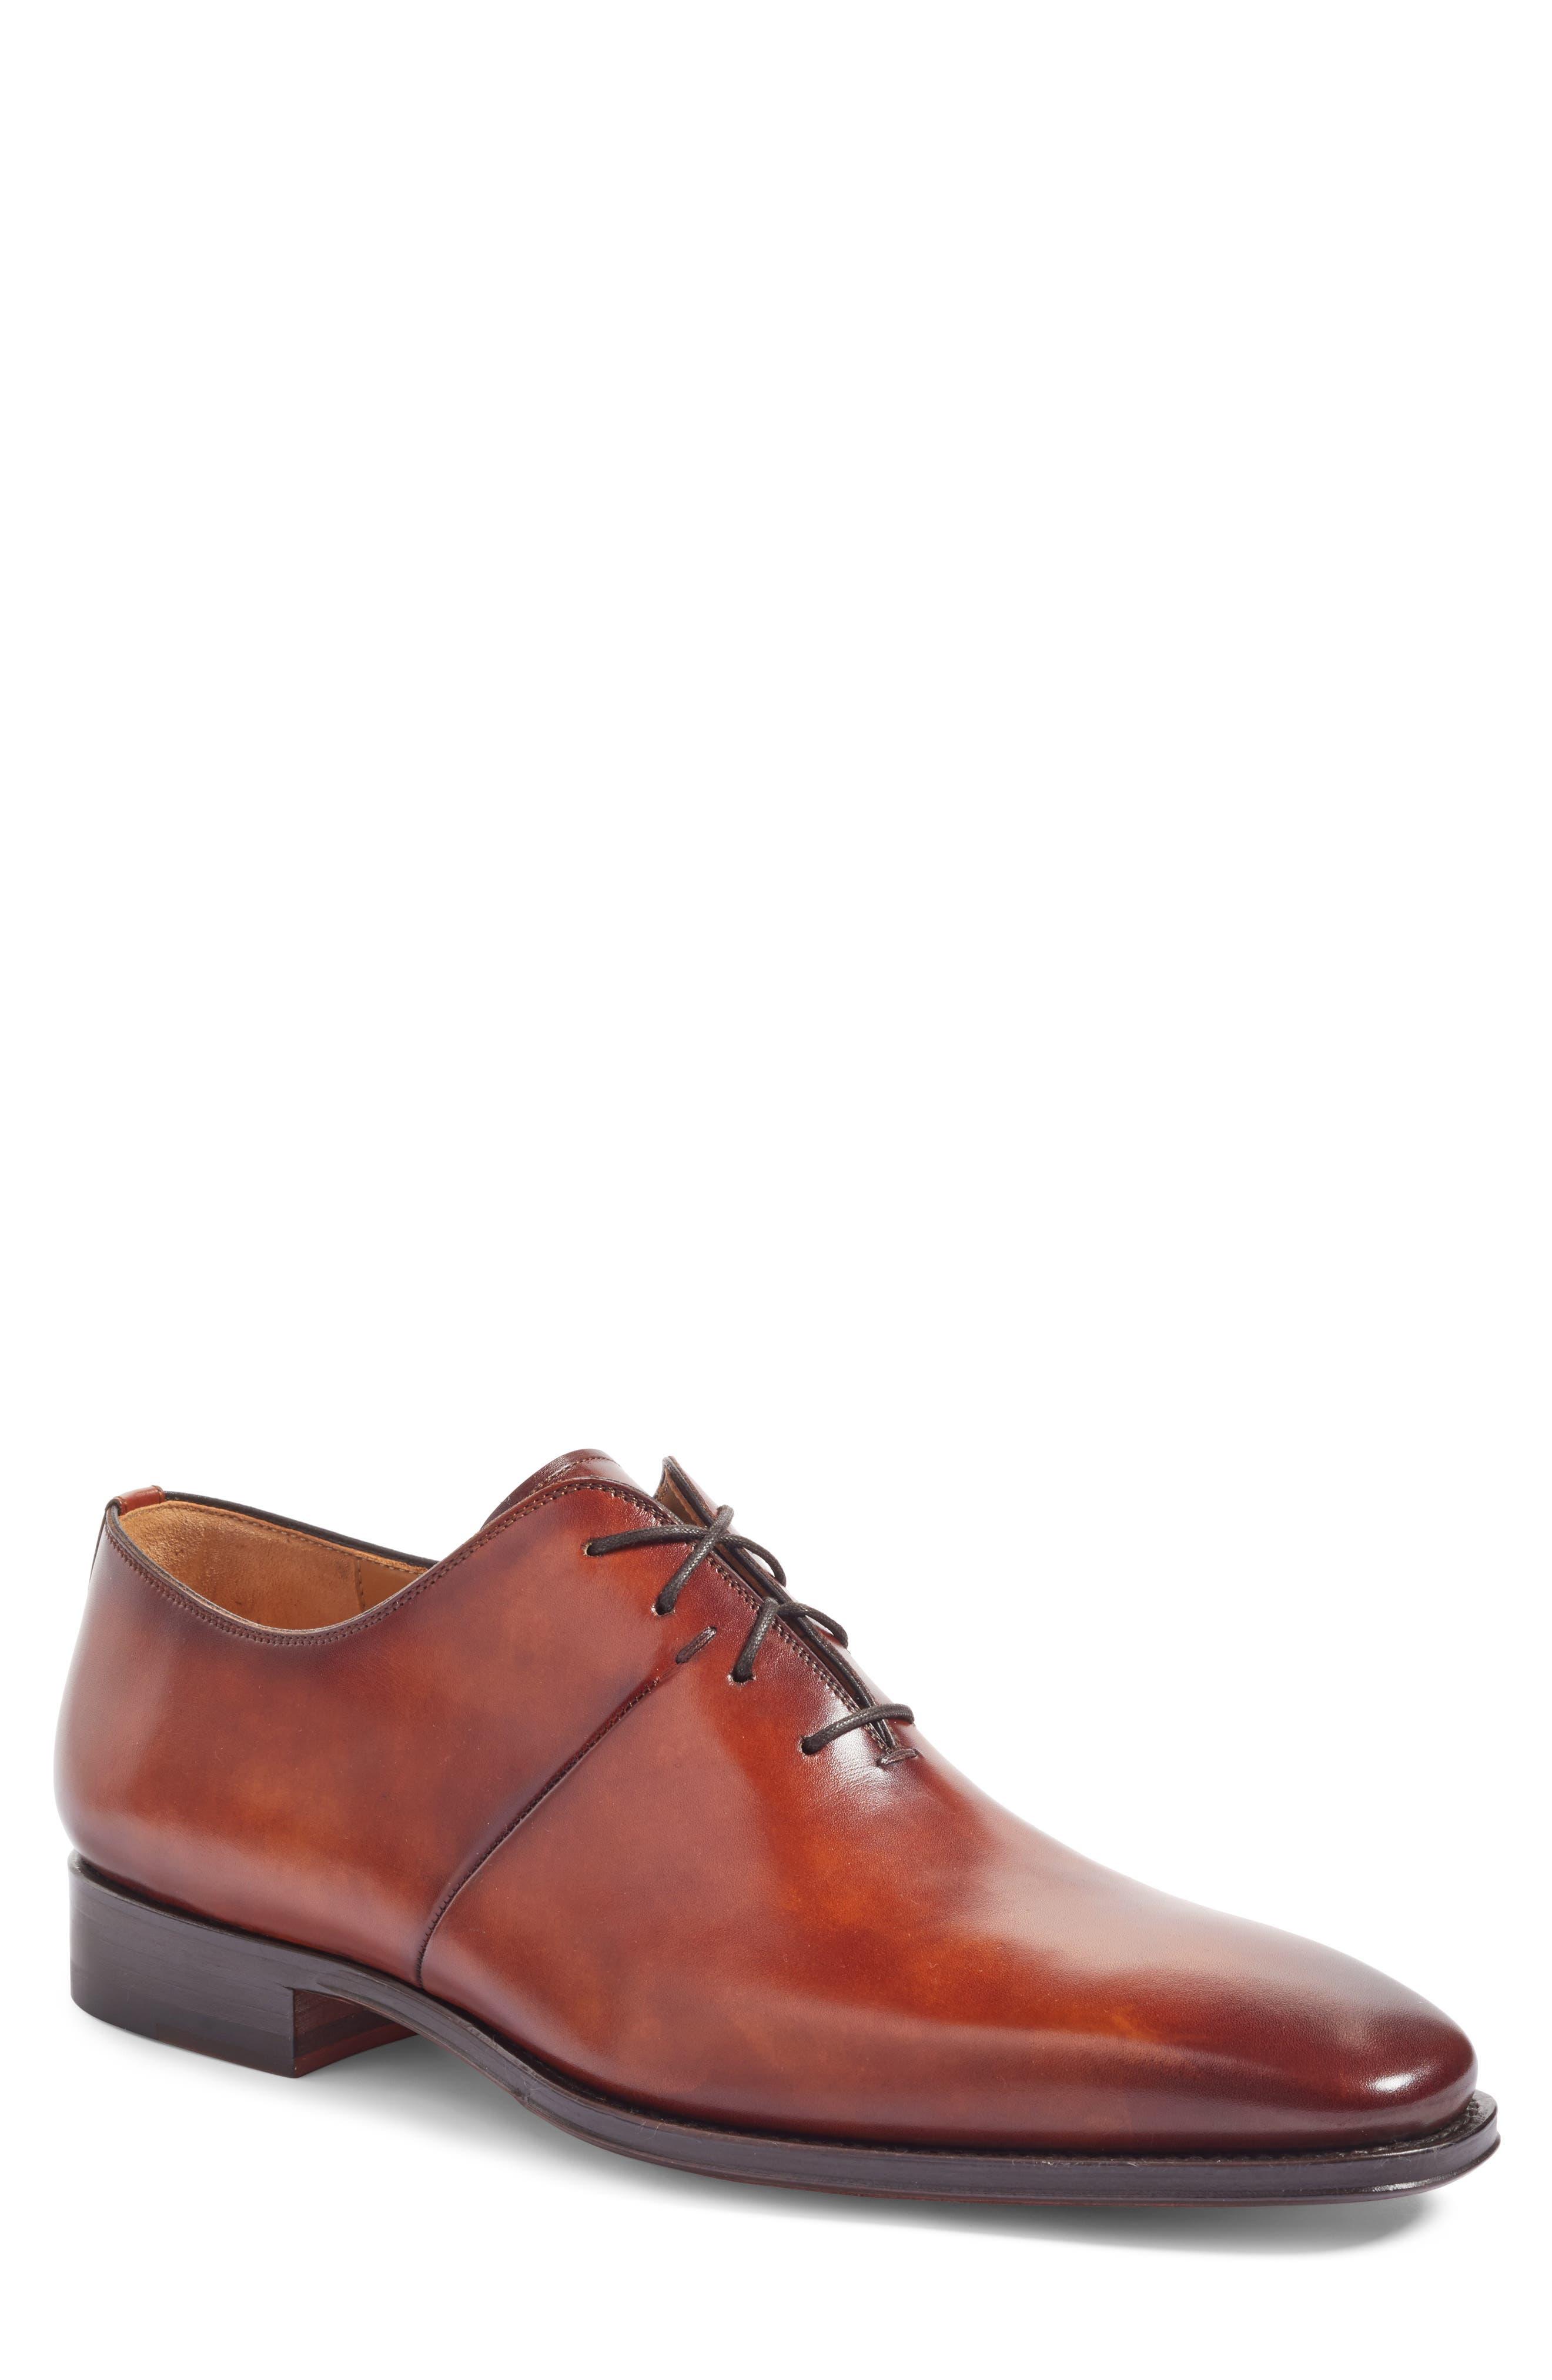 Cornado Plain Toe Oxford,                             Main thumbnail 1, color,                             200